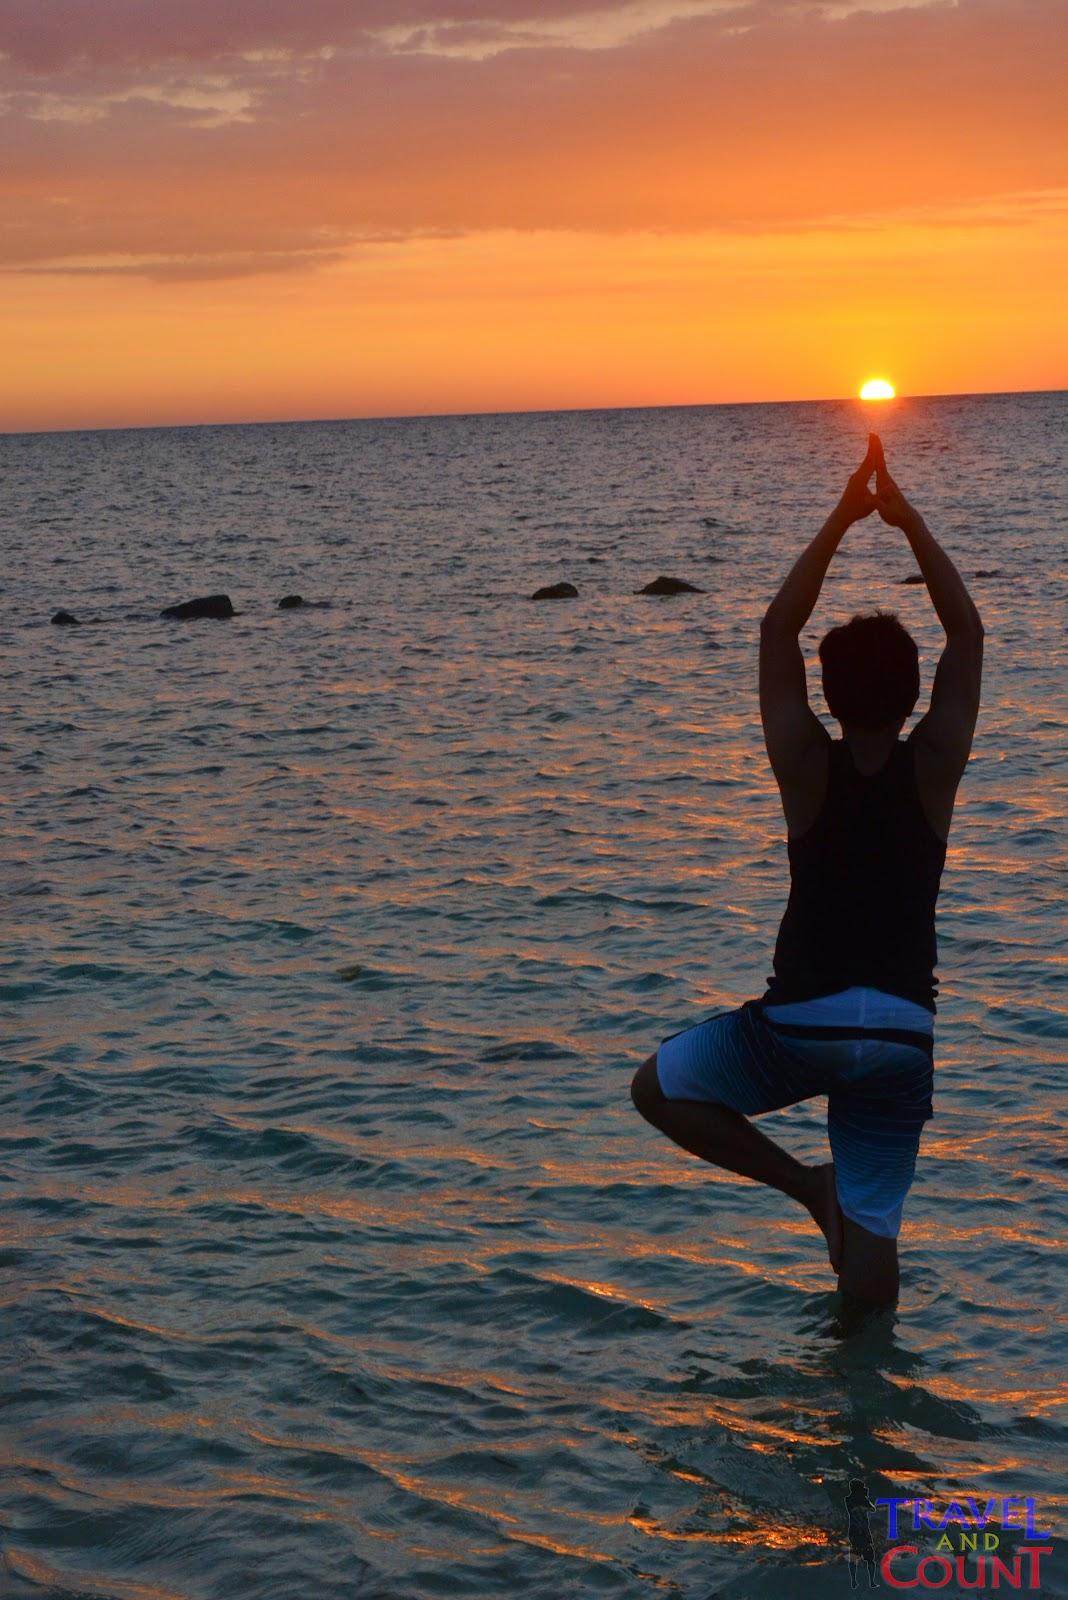 Sunset Watching in Potipot Island Zambales